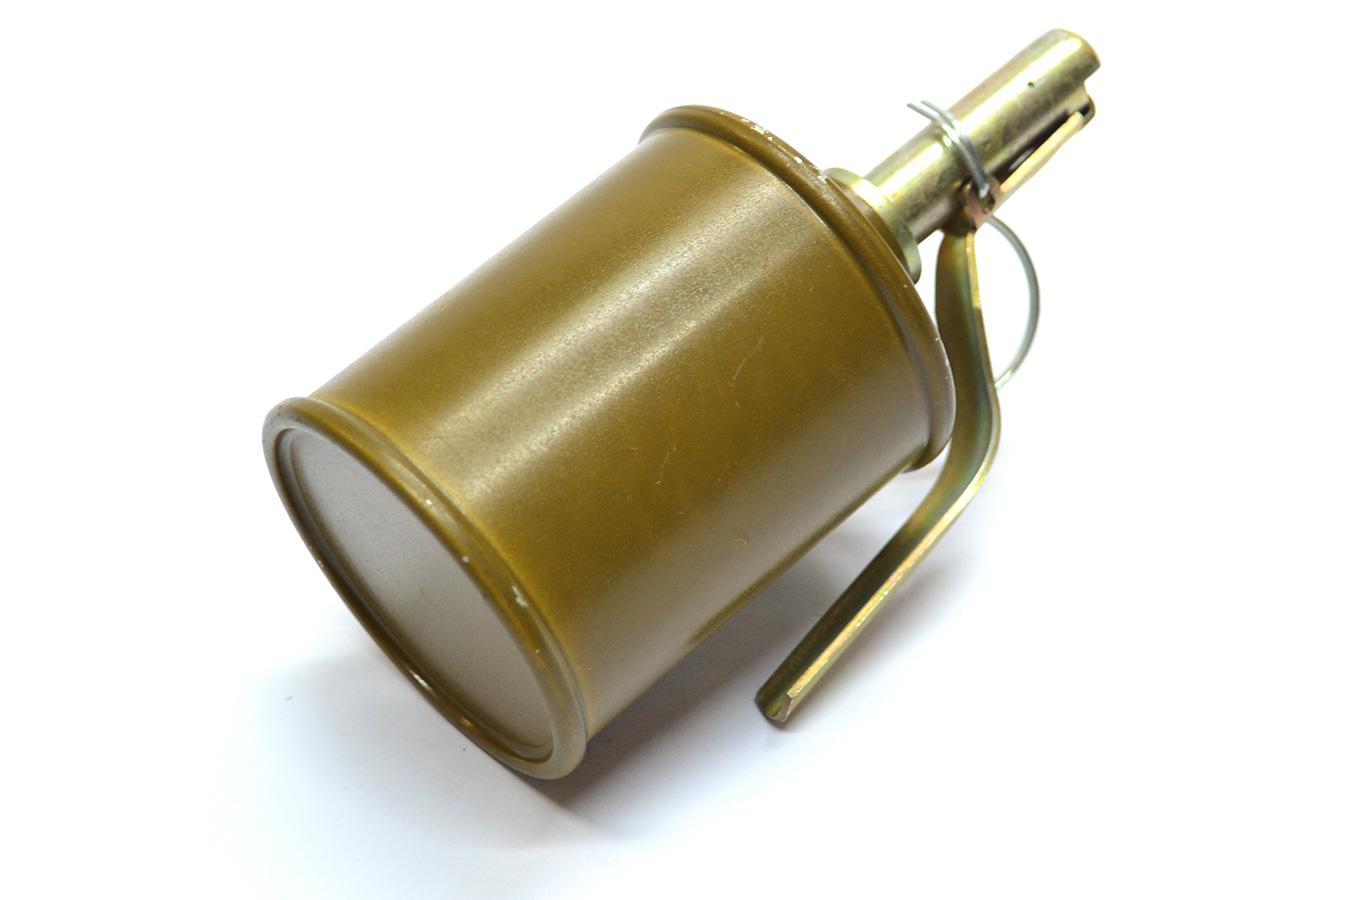 Макет ручной гранаты РГ-42 учебно-тренировочный